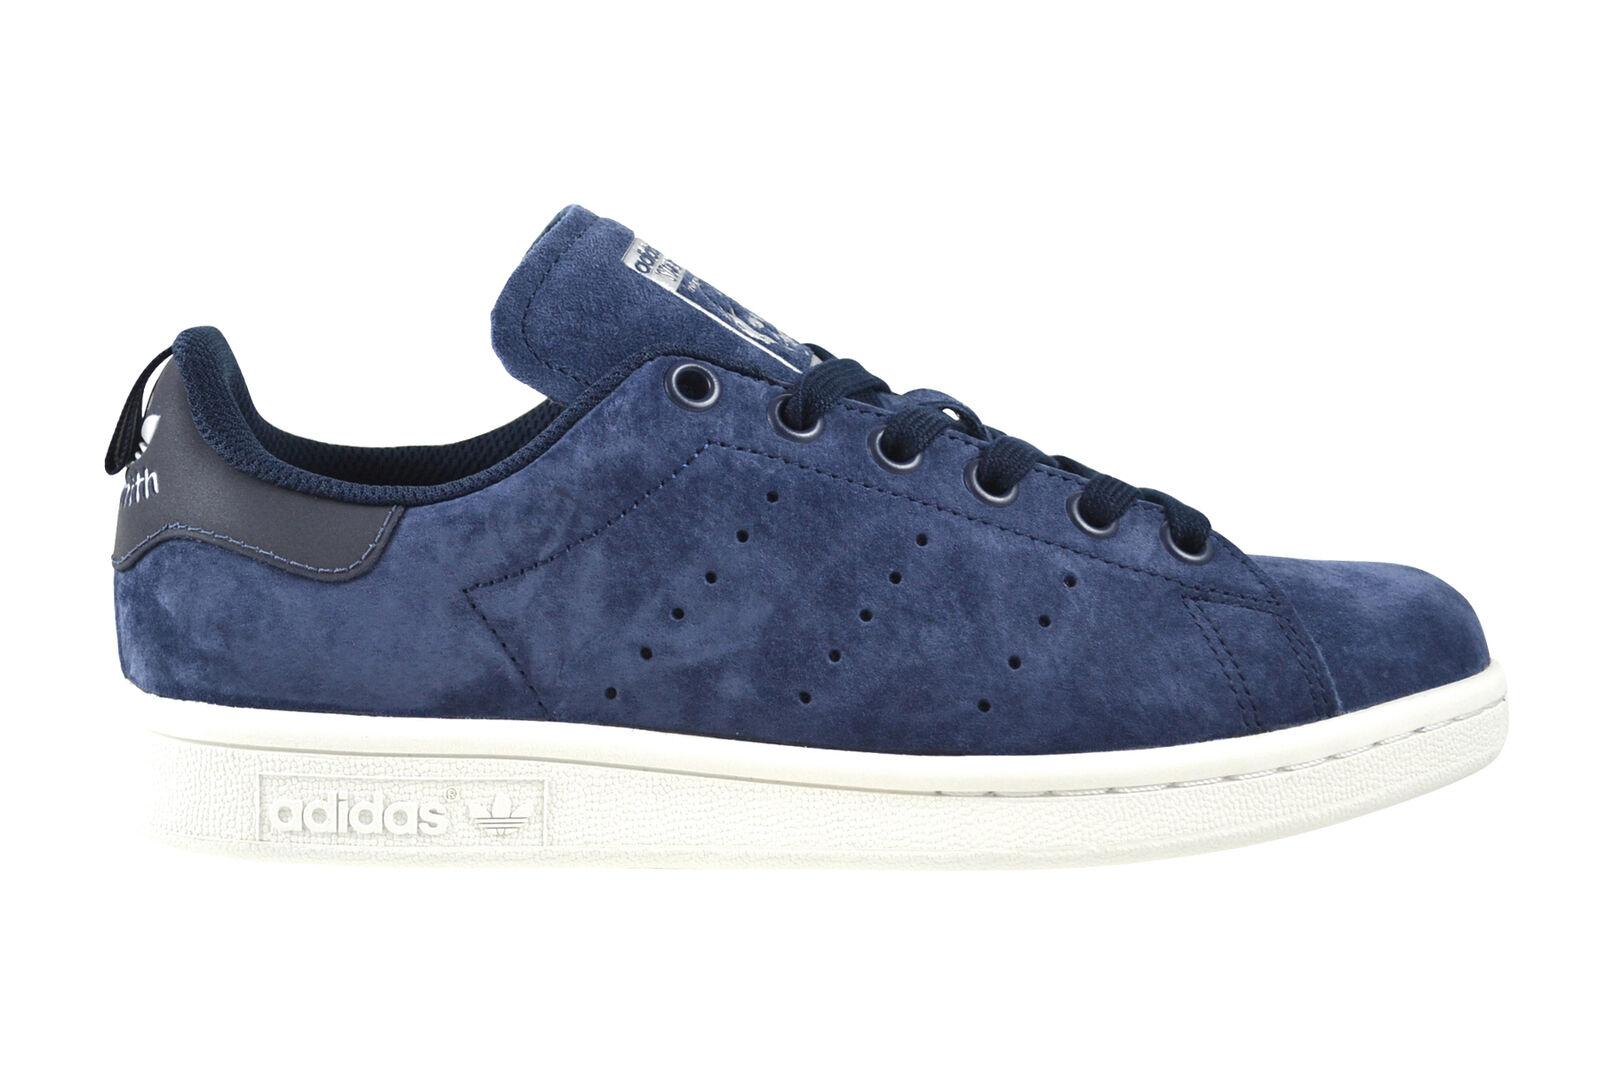 Adidas Stan Smith conavy conavy ftwwht cortos zapatos azul s80027